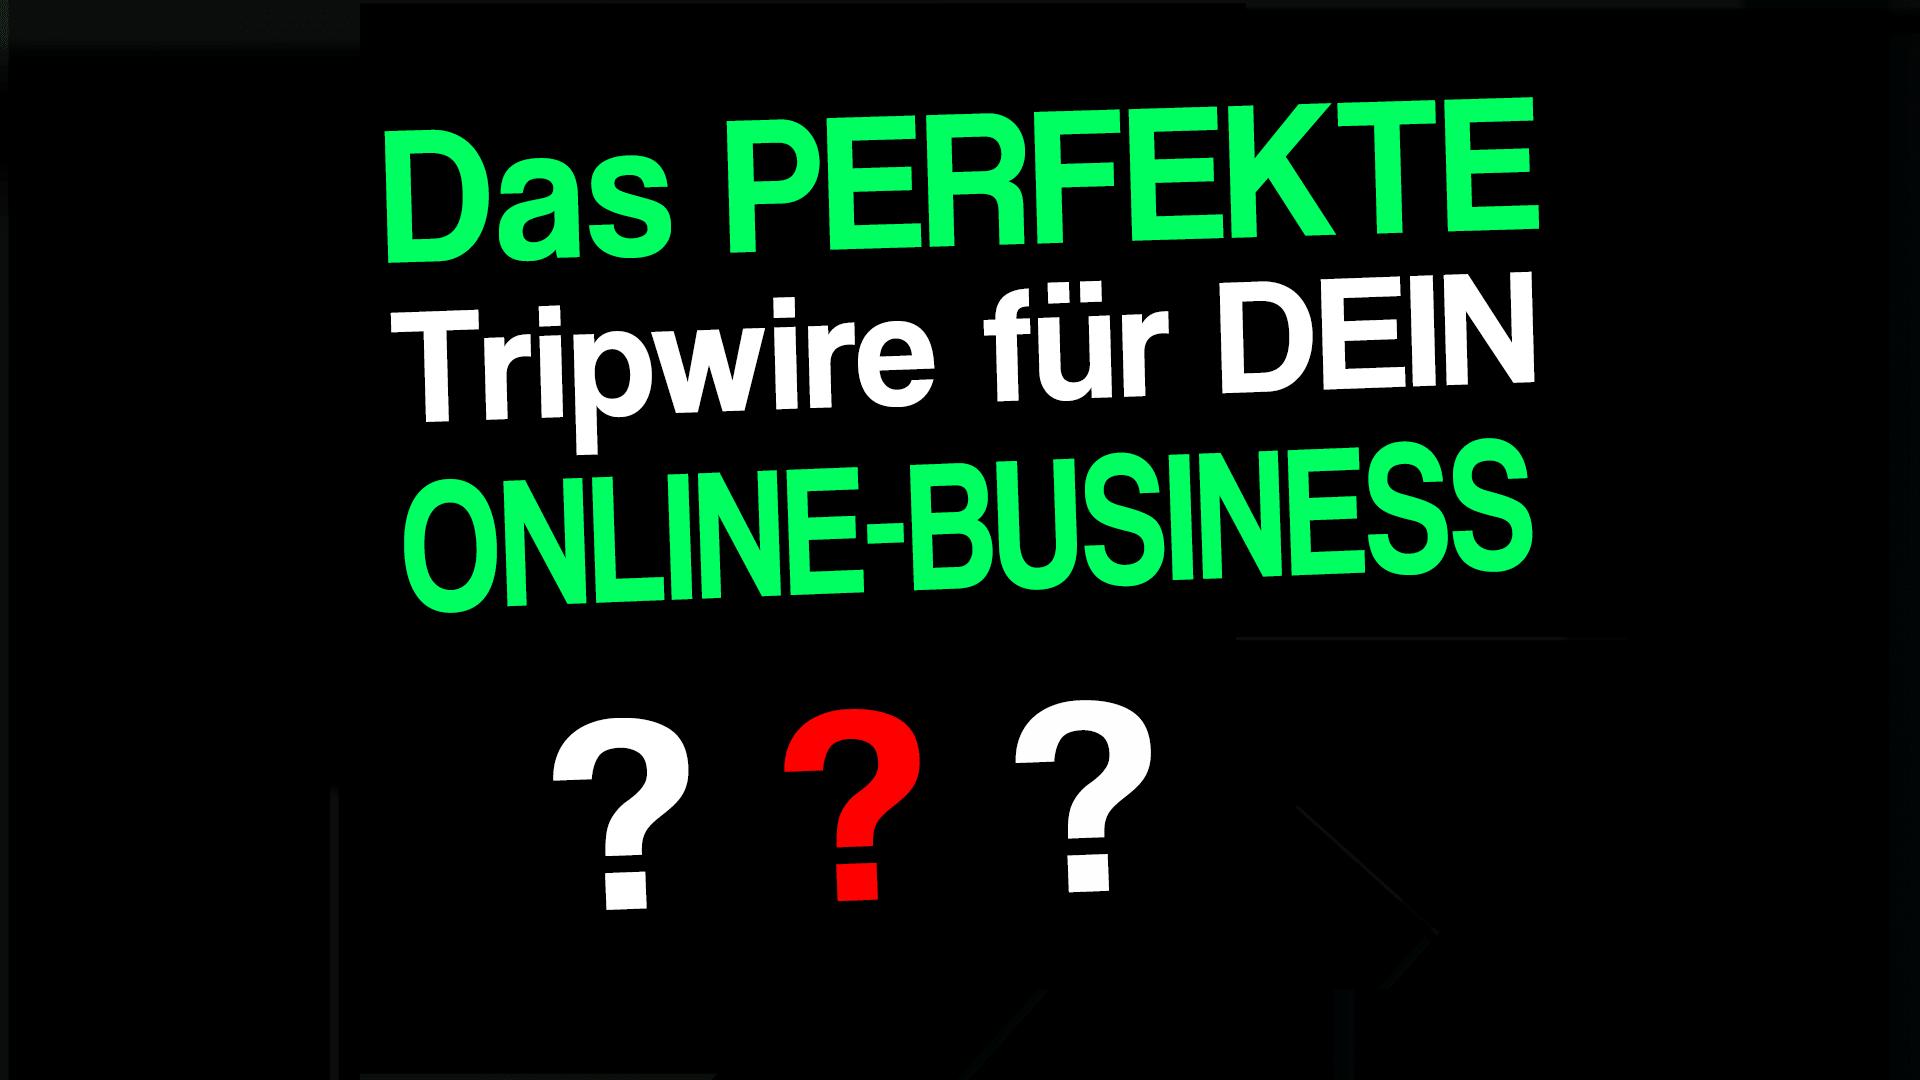 Das PERFEKTE Tripwire für dein Online-Business